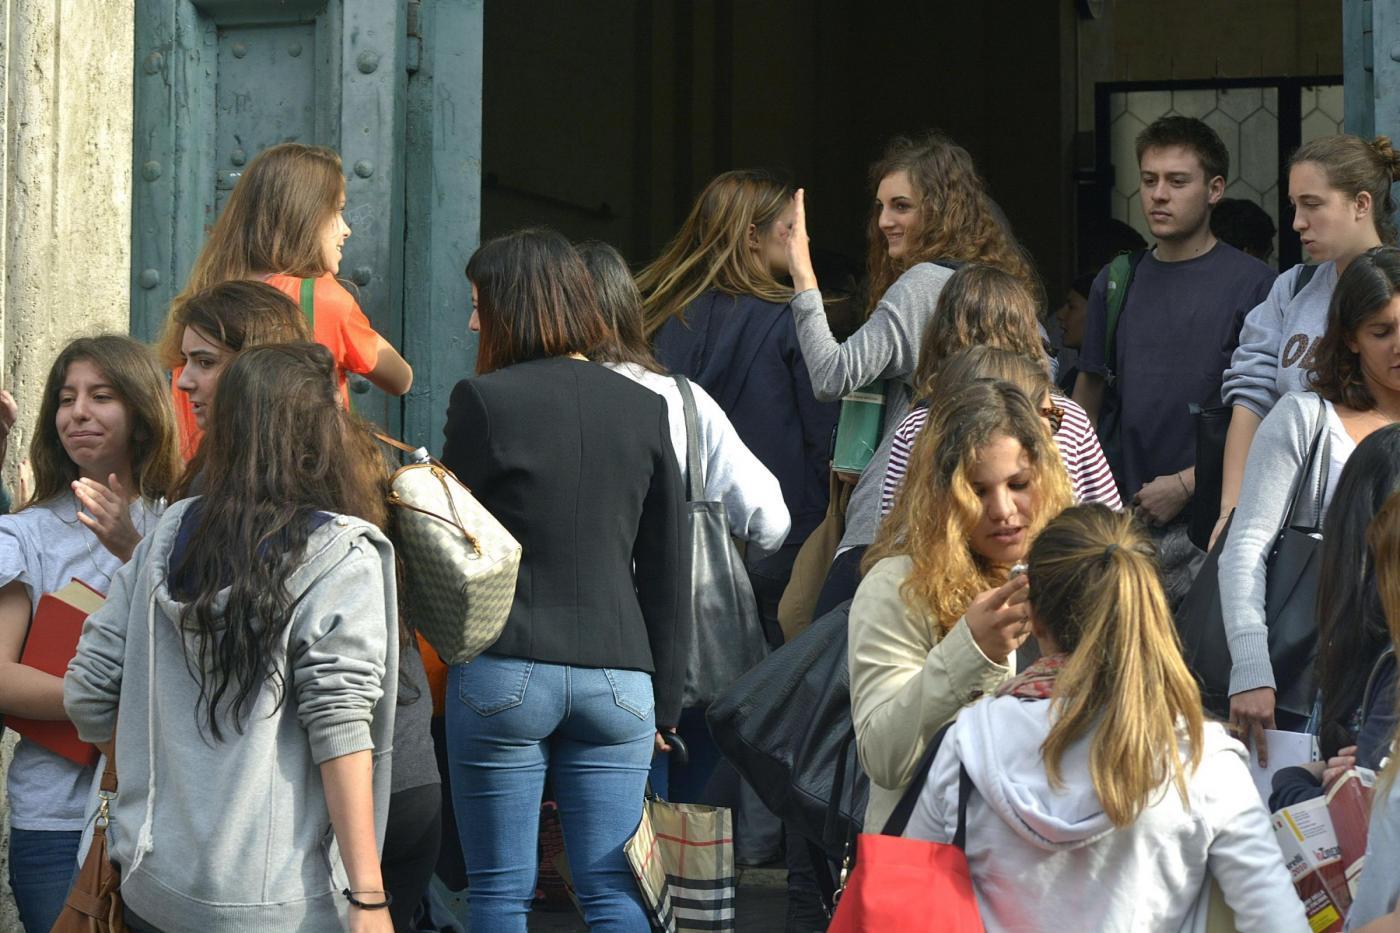 Maturità 2016, svolgimento temi di italiano: Eco, voto alle donne, rapporto padre figlio, significato del confine